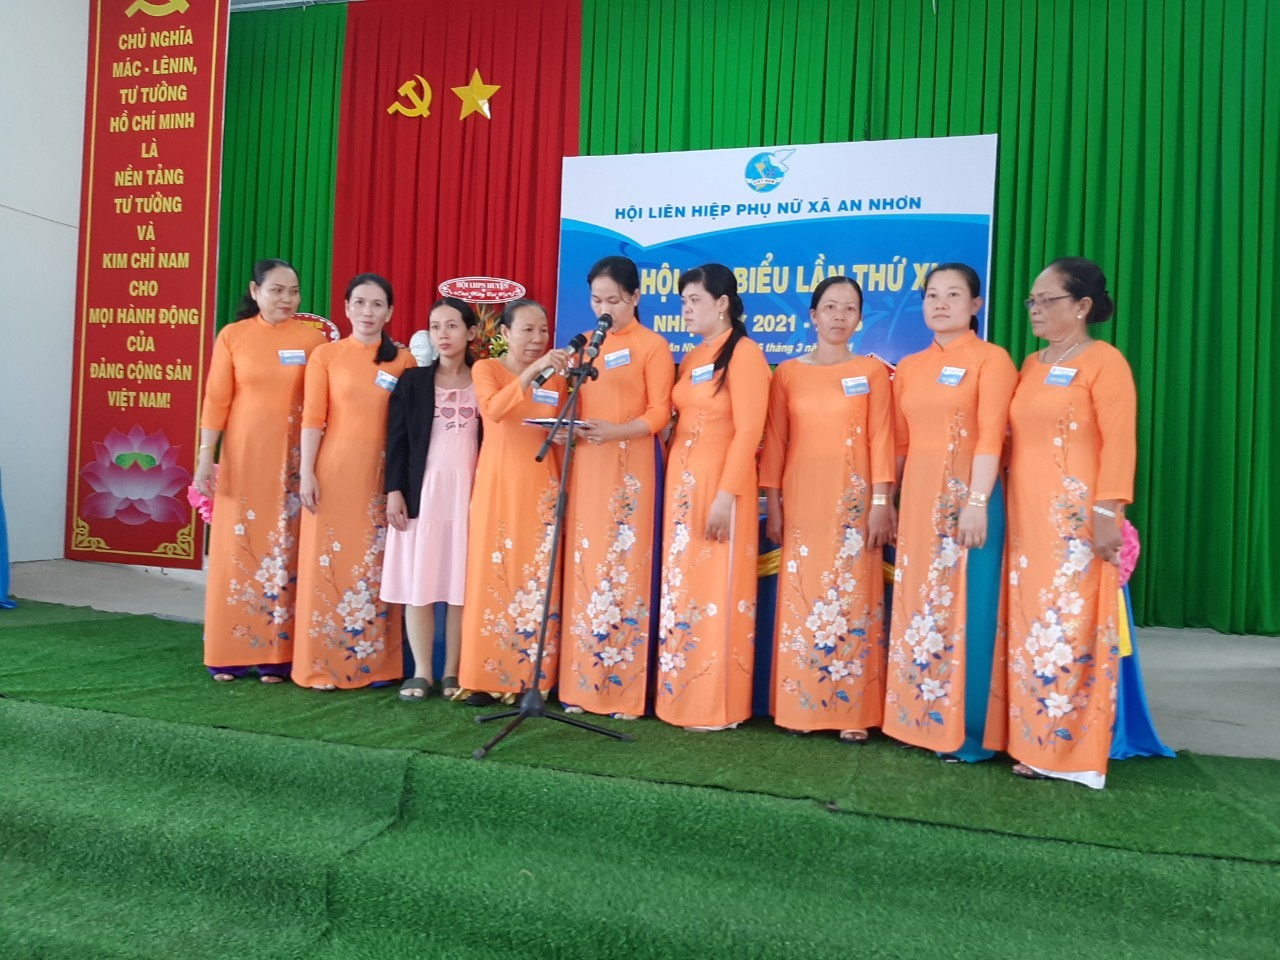 Thạnh Phú hoàn thành Đại hội Hội Liên hiệp Phụ nữ cấp cơ sở, nhiệm kỳ 2021 - 2026